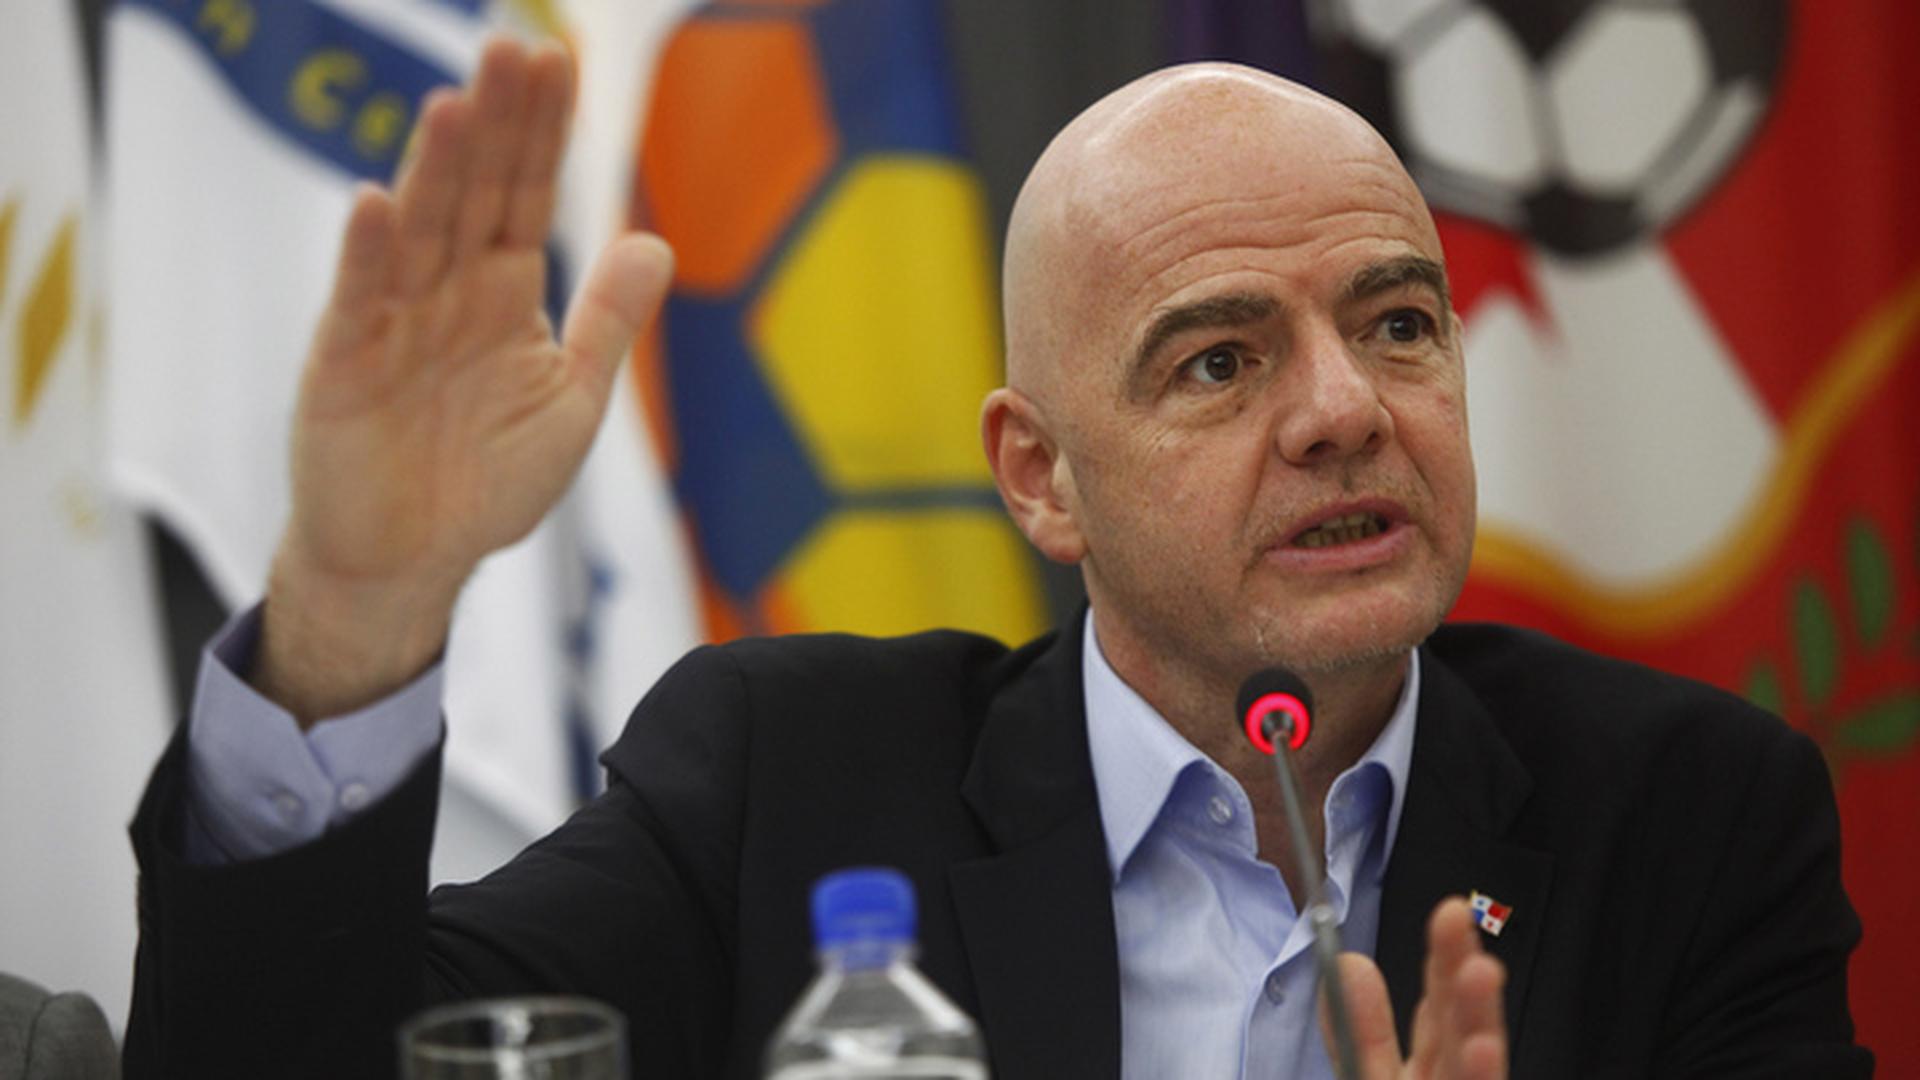 Инфантино: Россию никто не покорял, но завтра она будет завоевана футболом